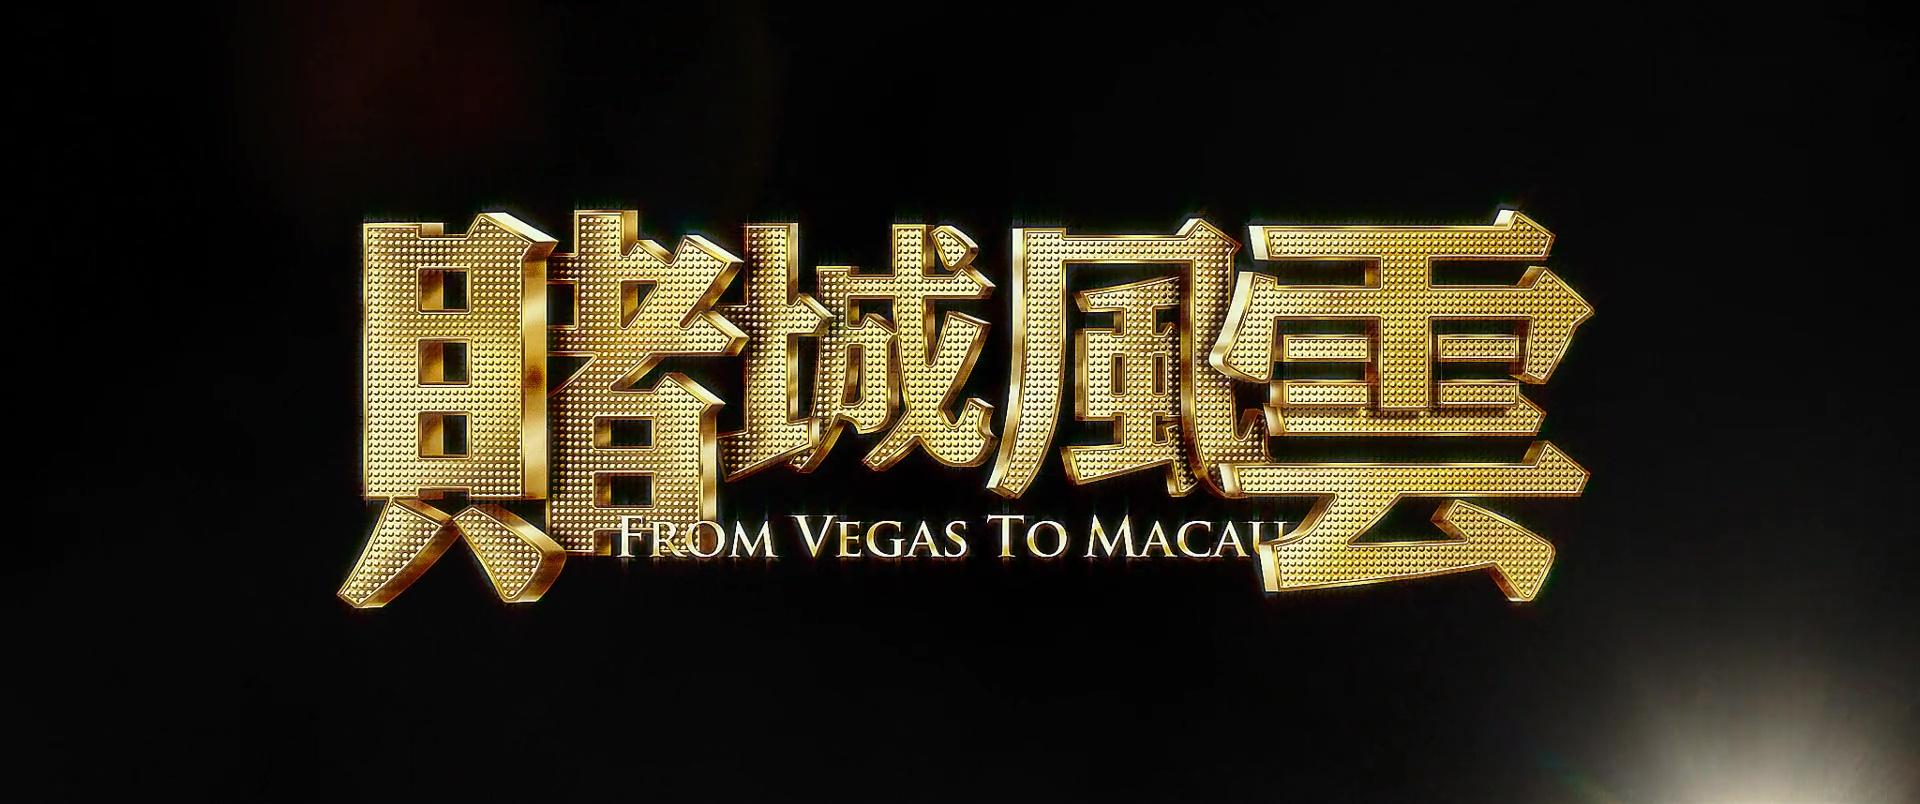 FROM VEGAS TO MACAU (賭城風雲) de Wong Jing (2014)